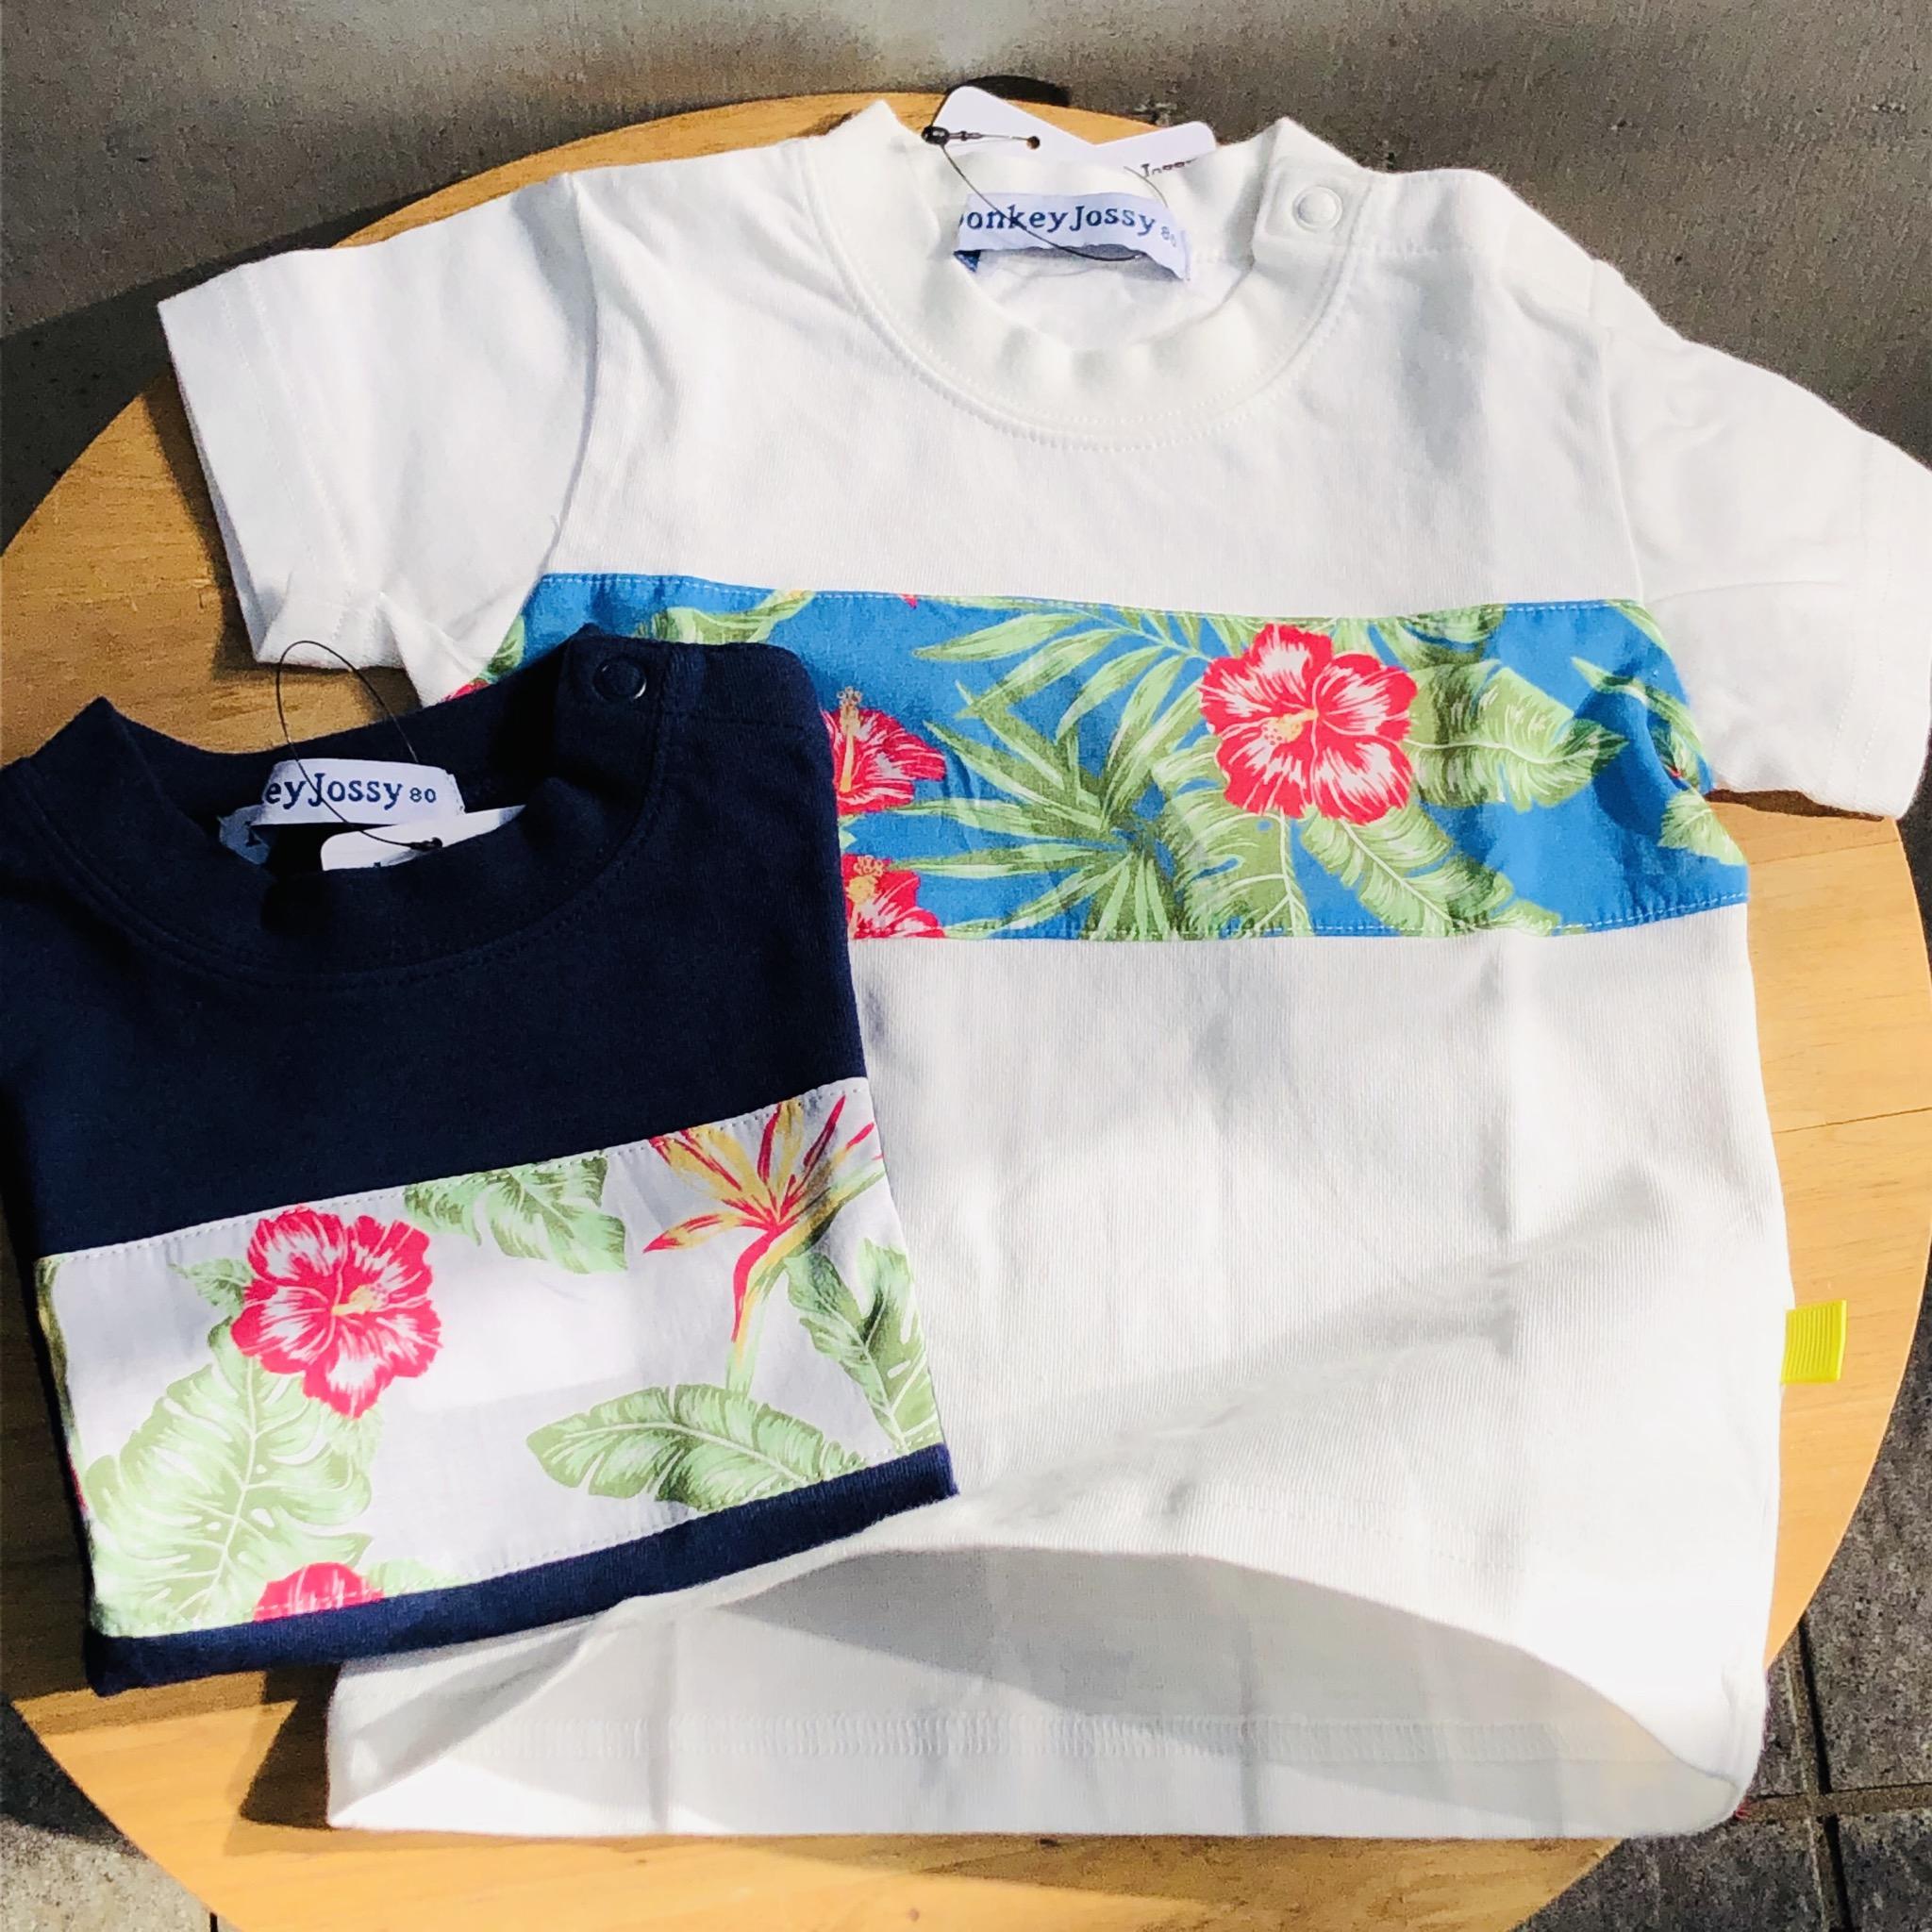 ボタニカル切り替えTシャツ<br /> ¥2052